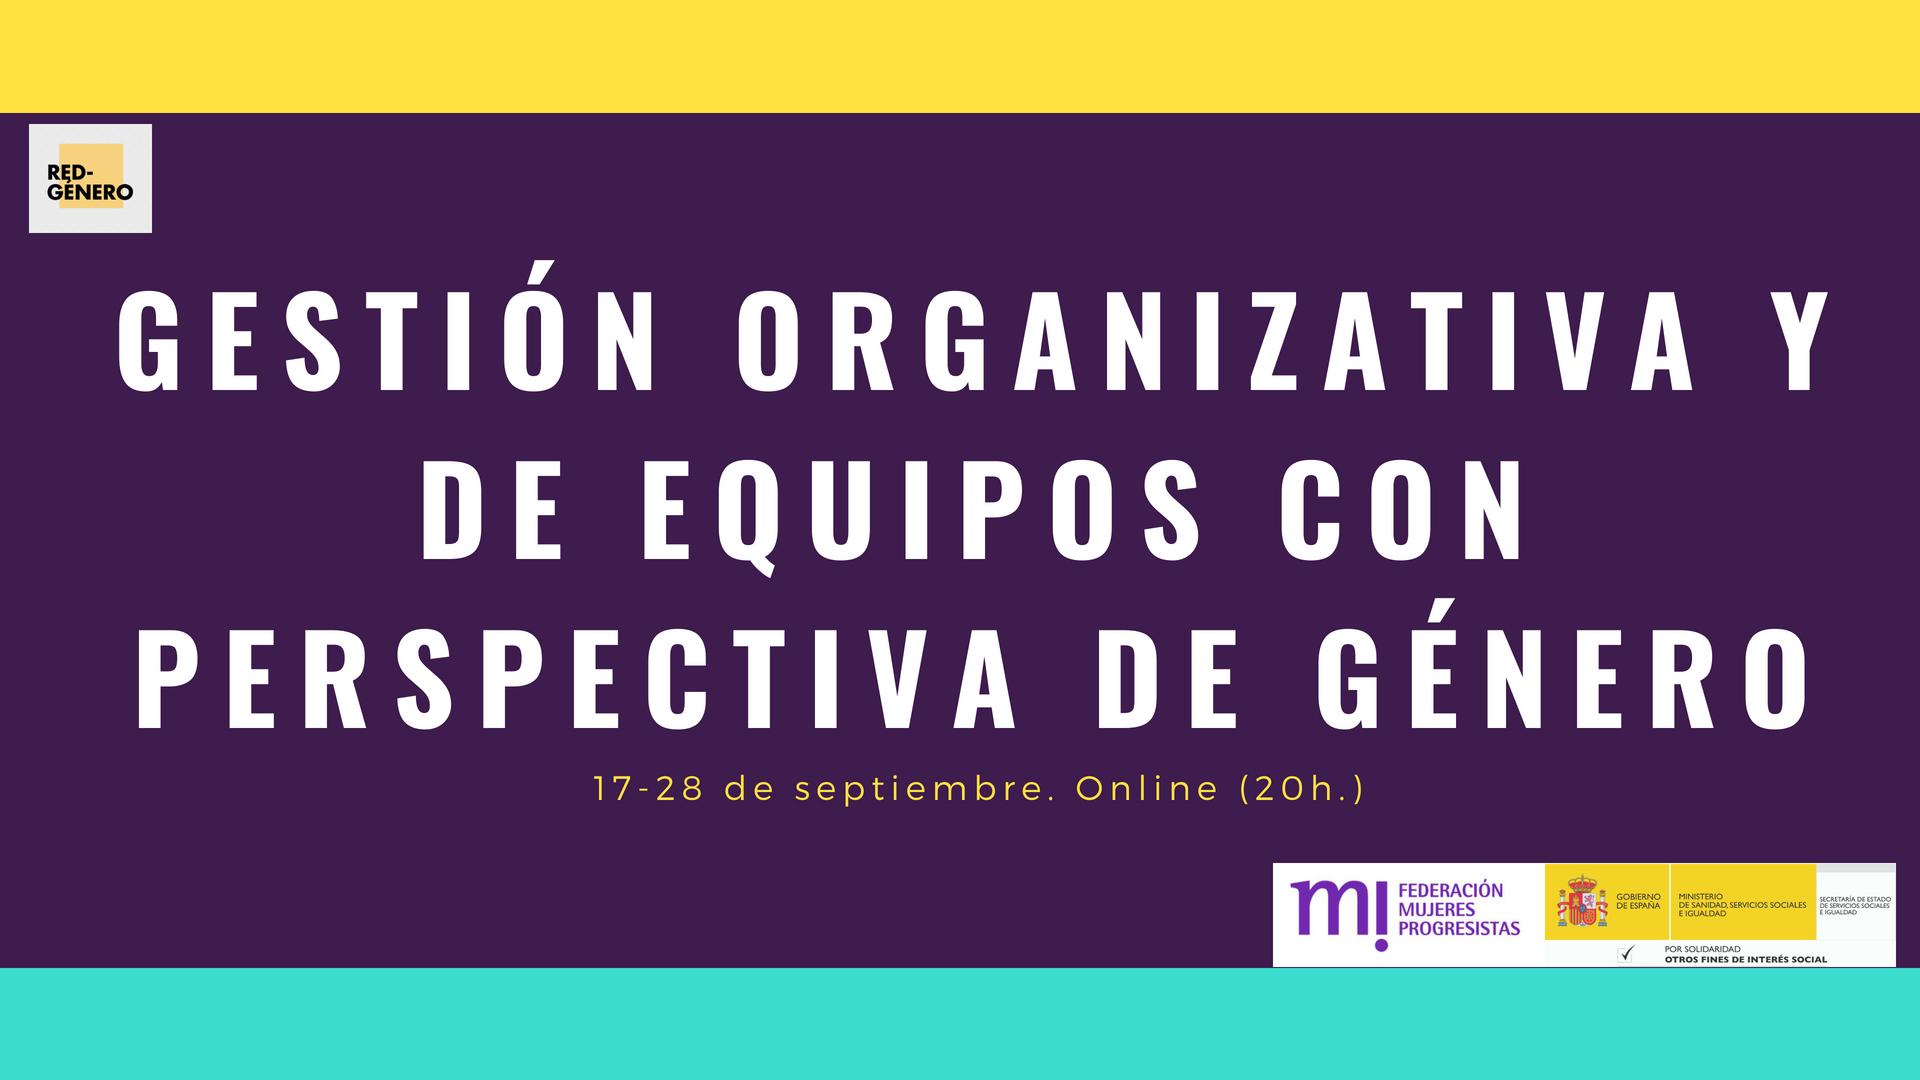 Course Image Gestión organizativa y de equipos con perspectiva de género